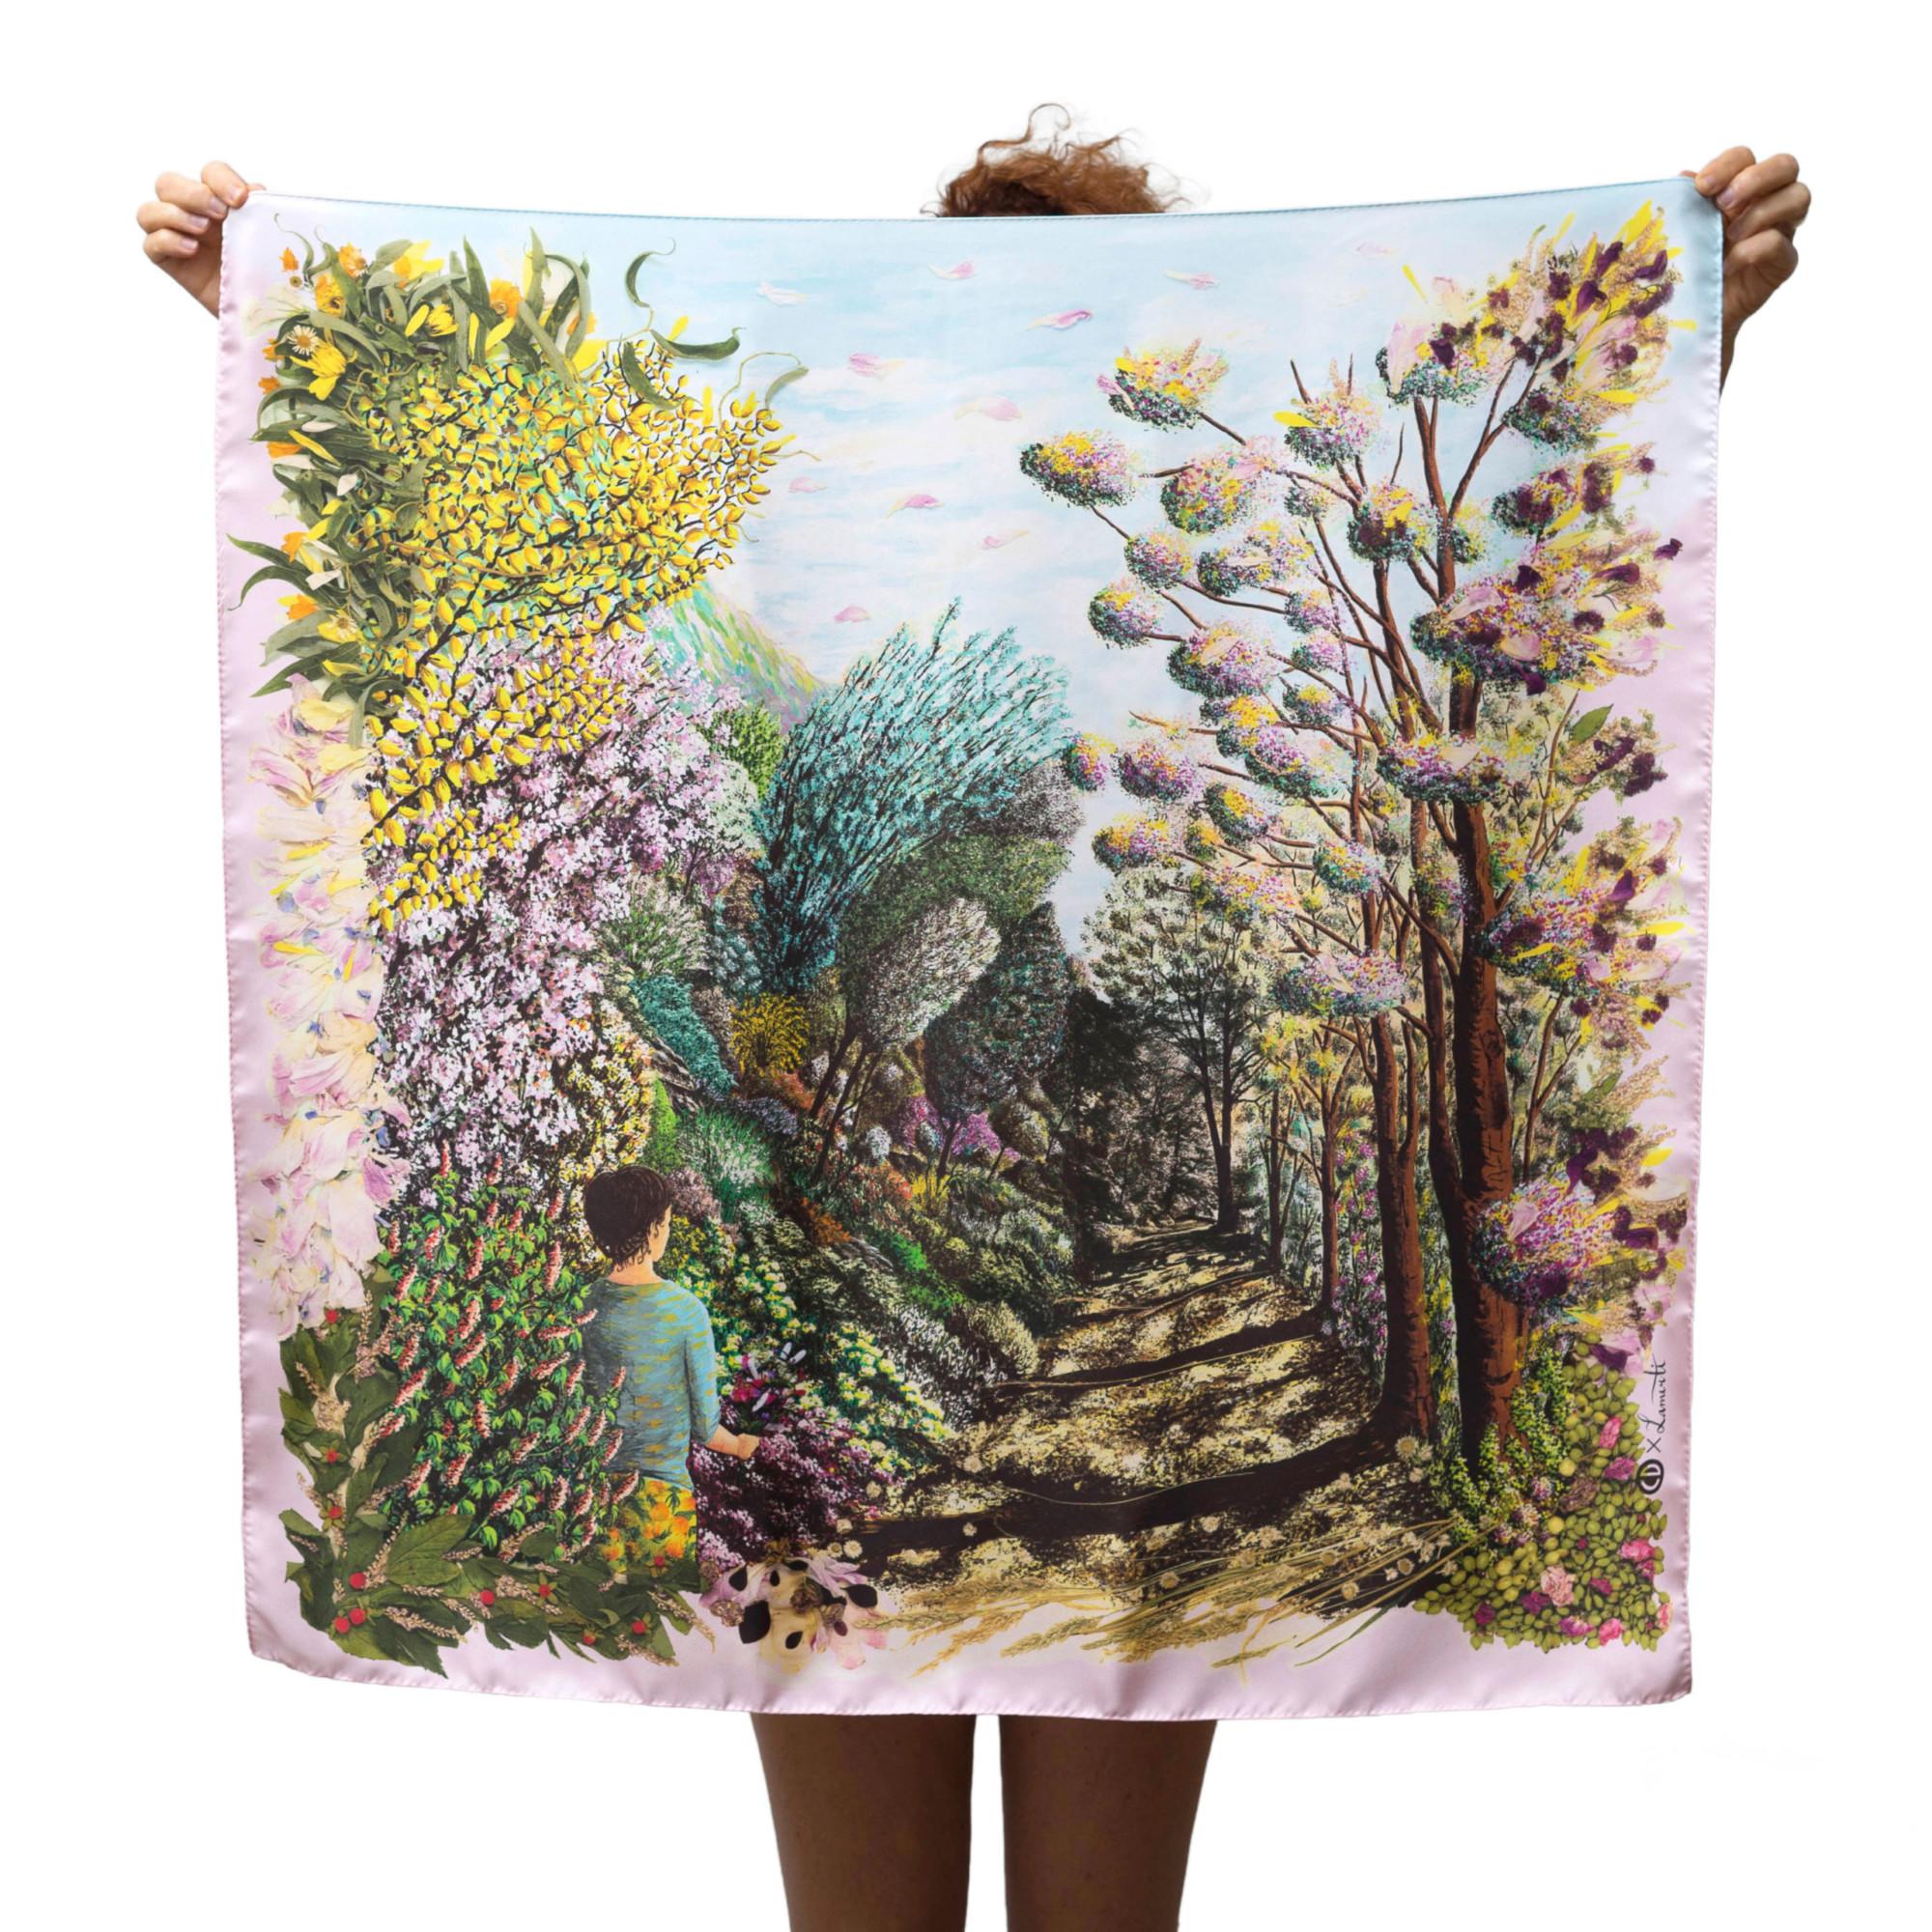 Grand foulard carré tenu déplié par une personne cachée. le foulard représente un paysage fleuri